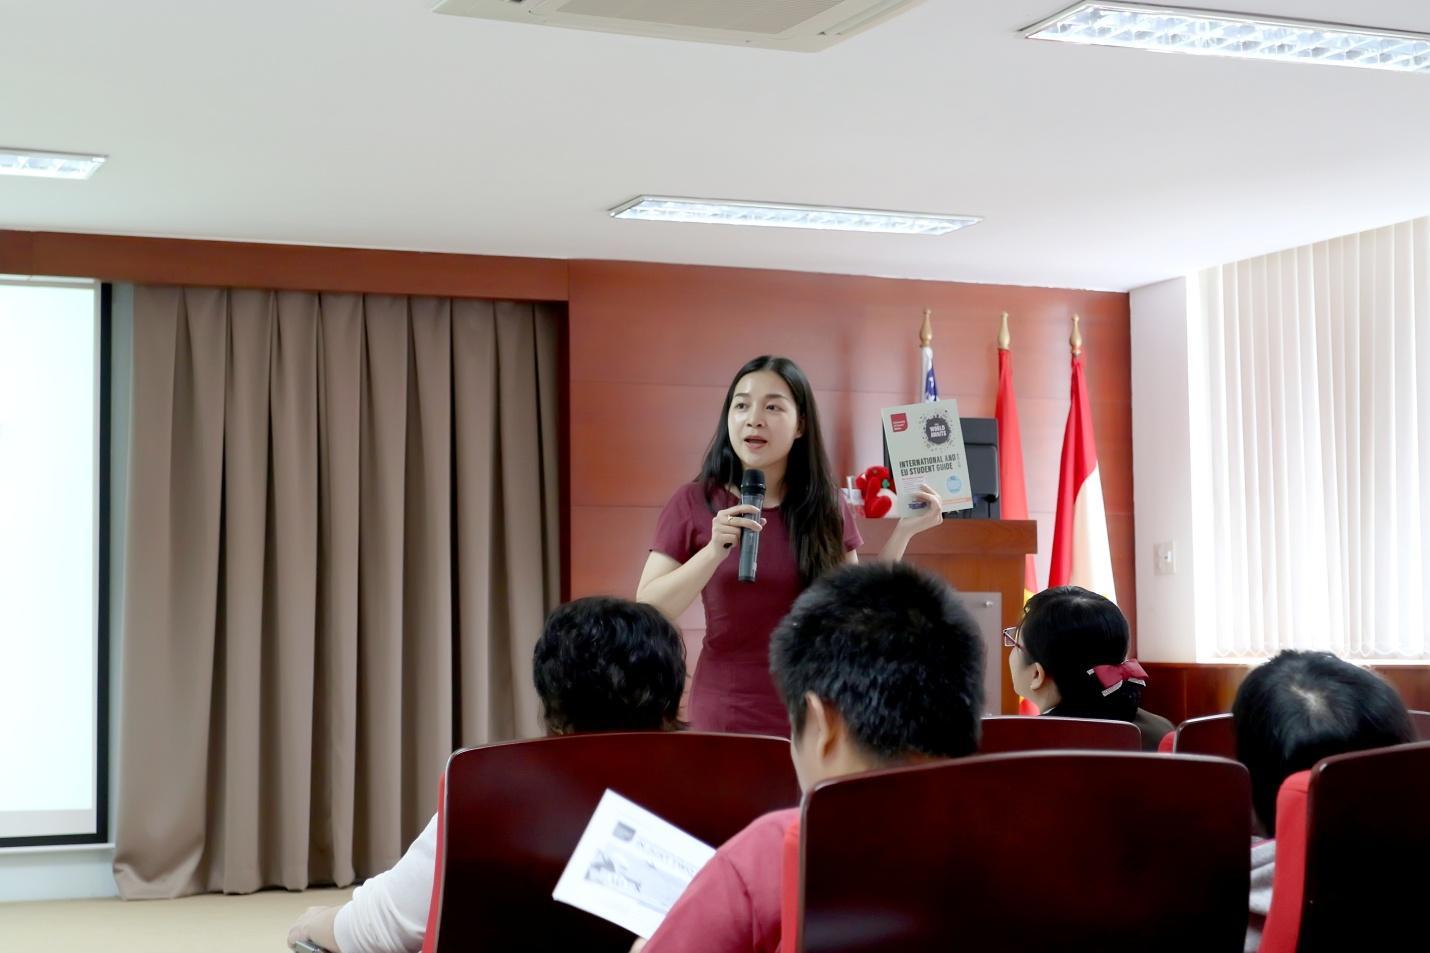 ĐH Quốc tế Sài Gòn và định hướng đào tạo sinh viên toàn cầu - Ảnh 3.